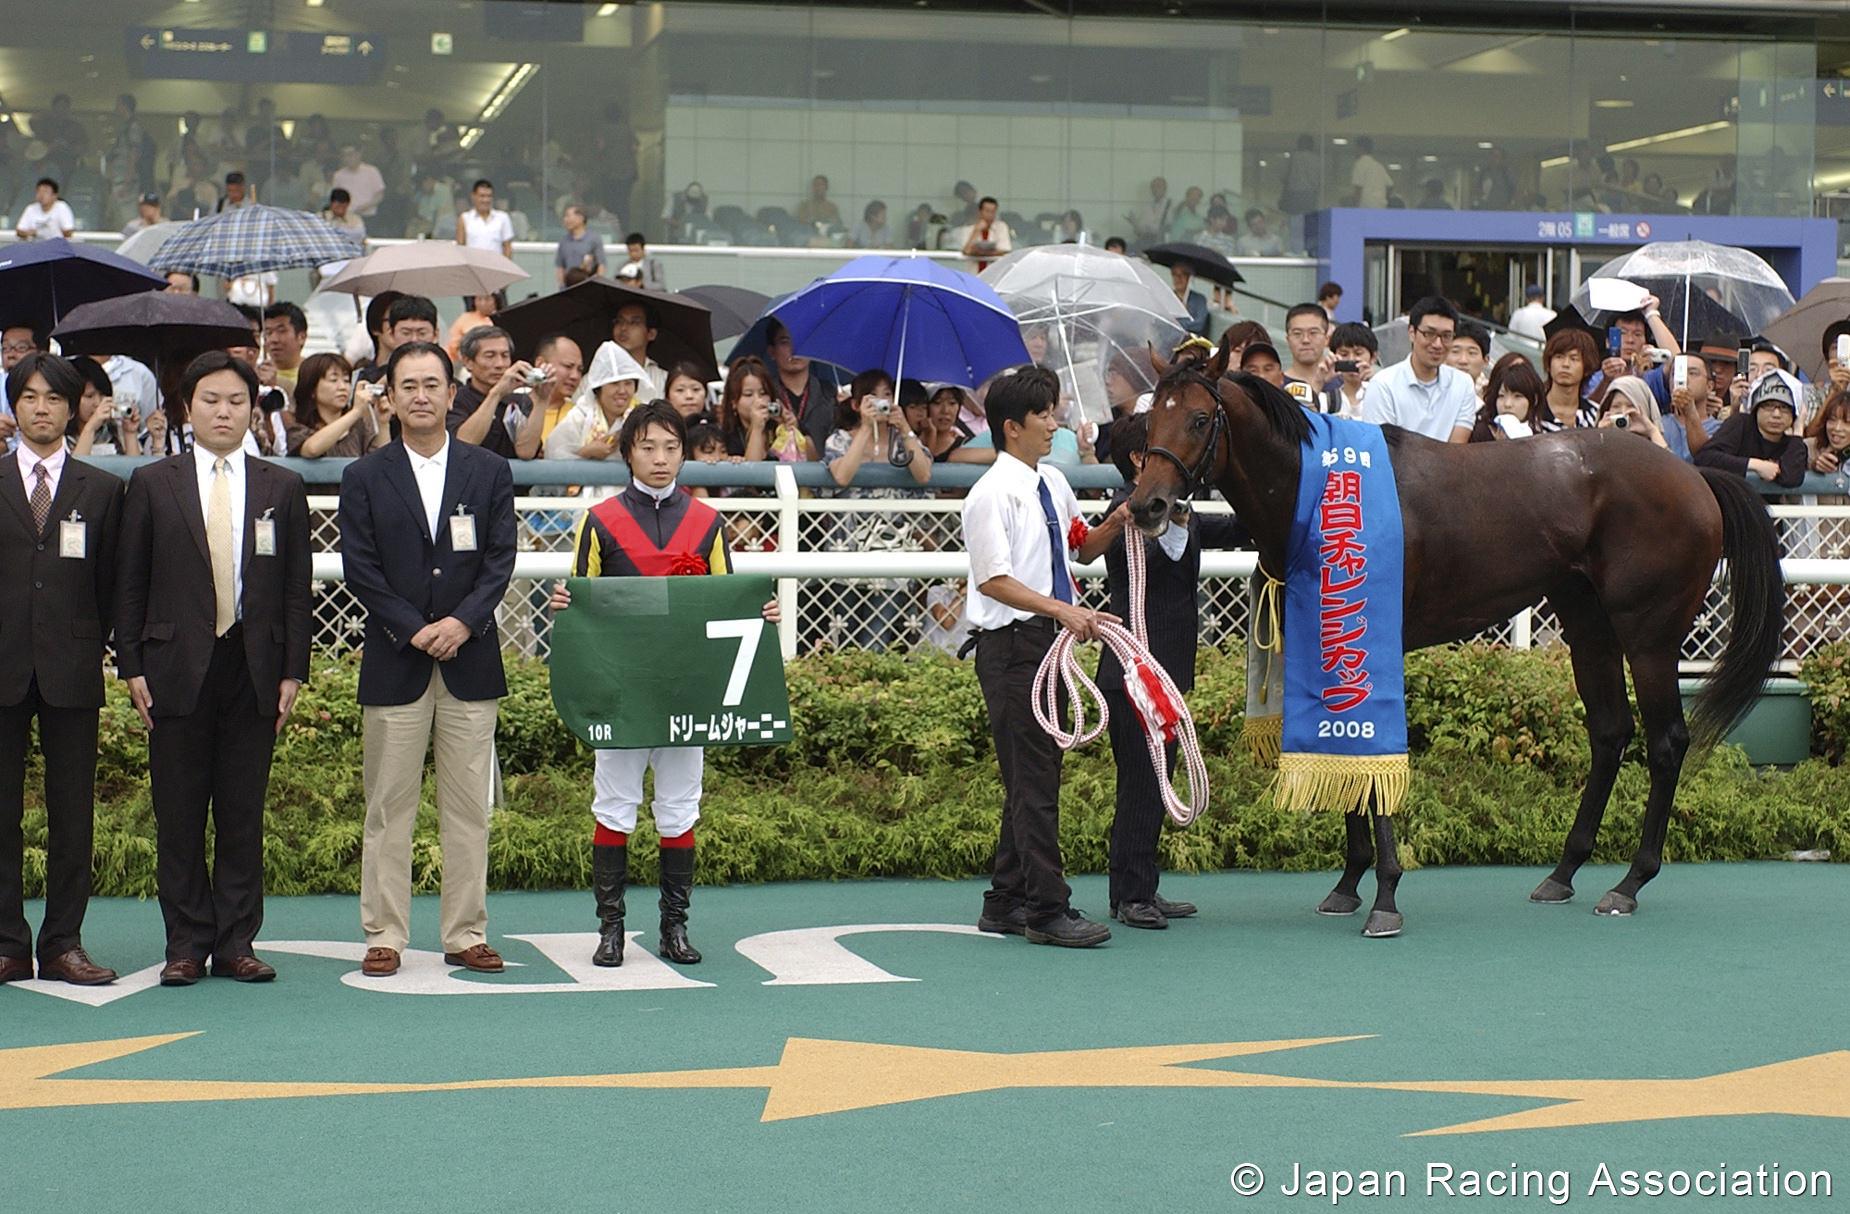 [孫]ドリームジャーニーが朝日チャレンジカップ(GIII)を制覇 © JRA